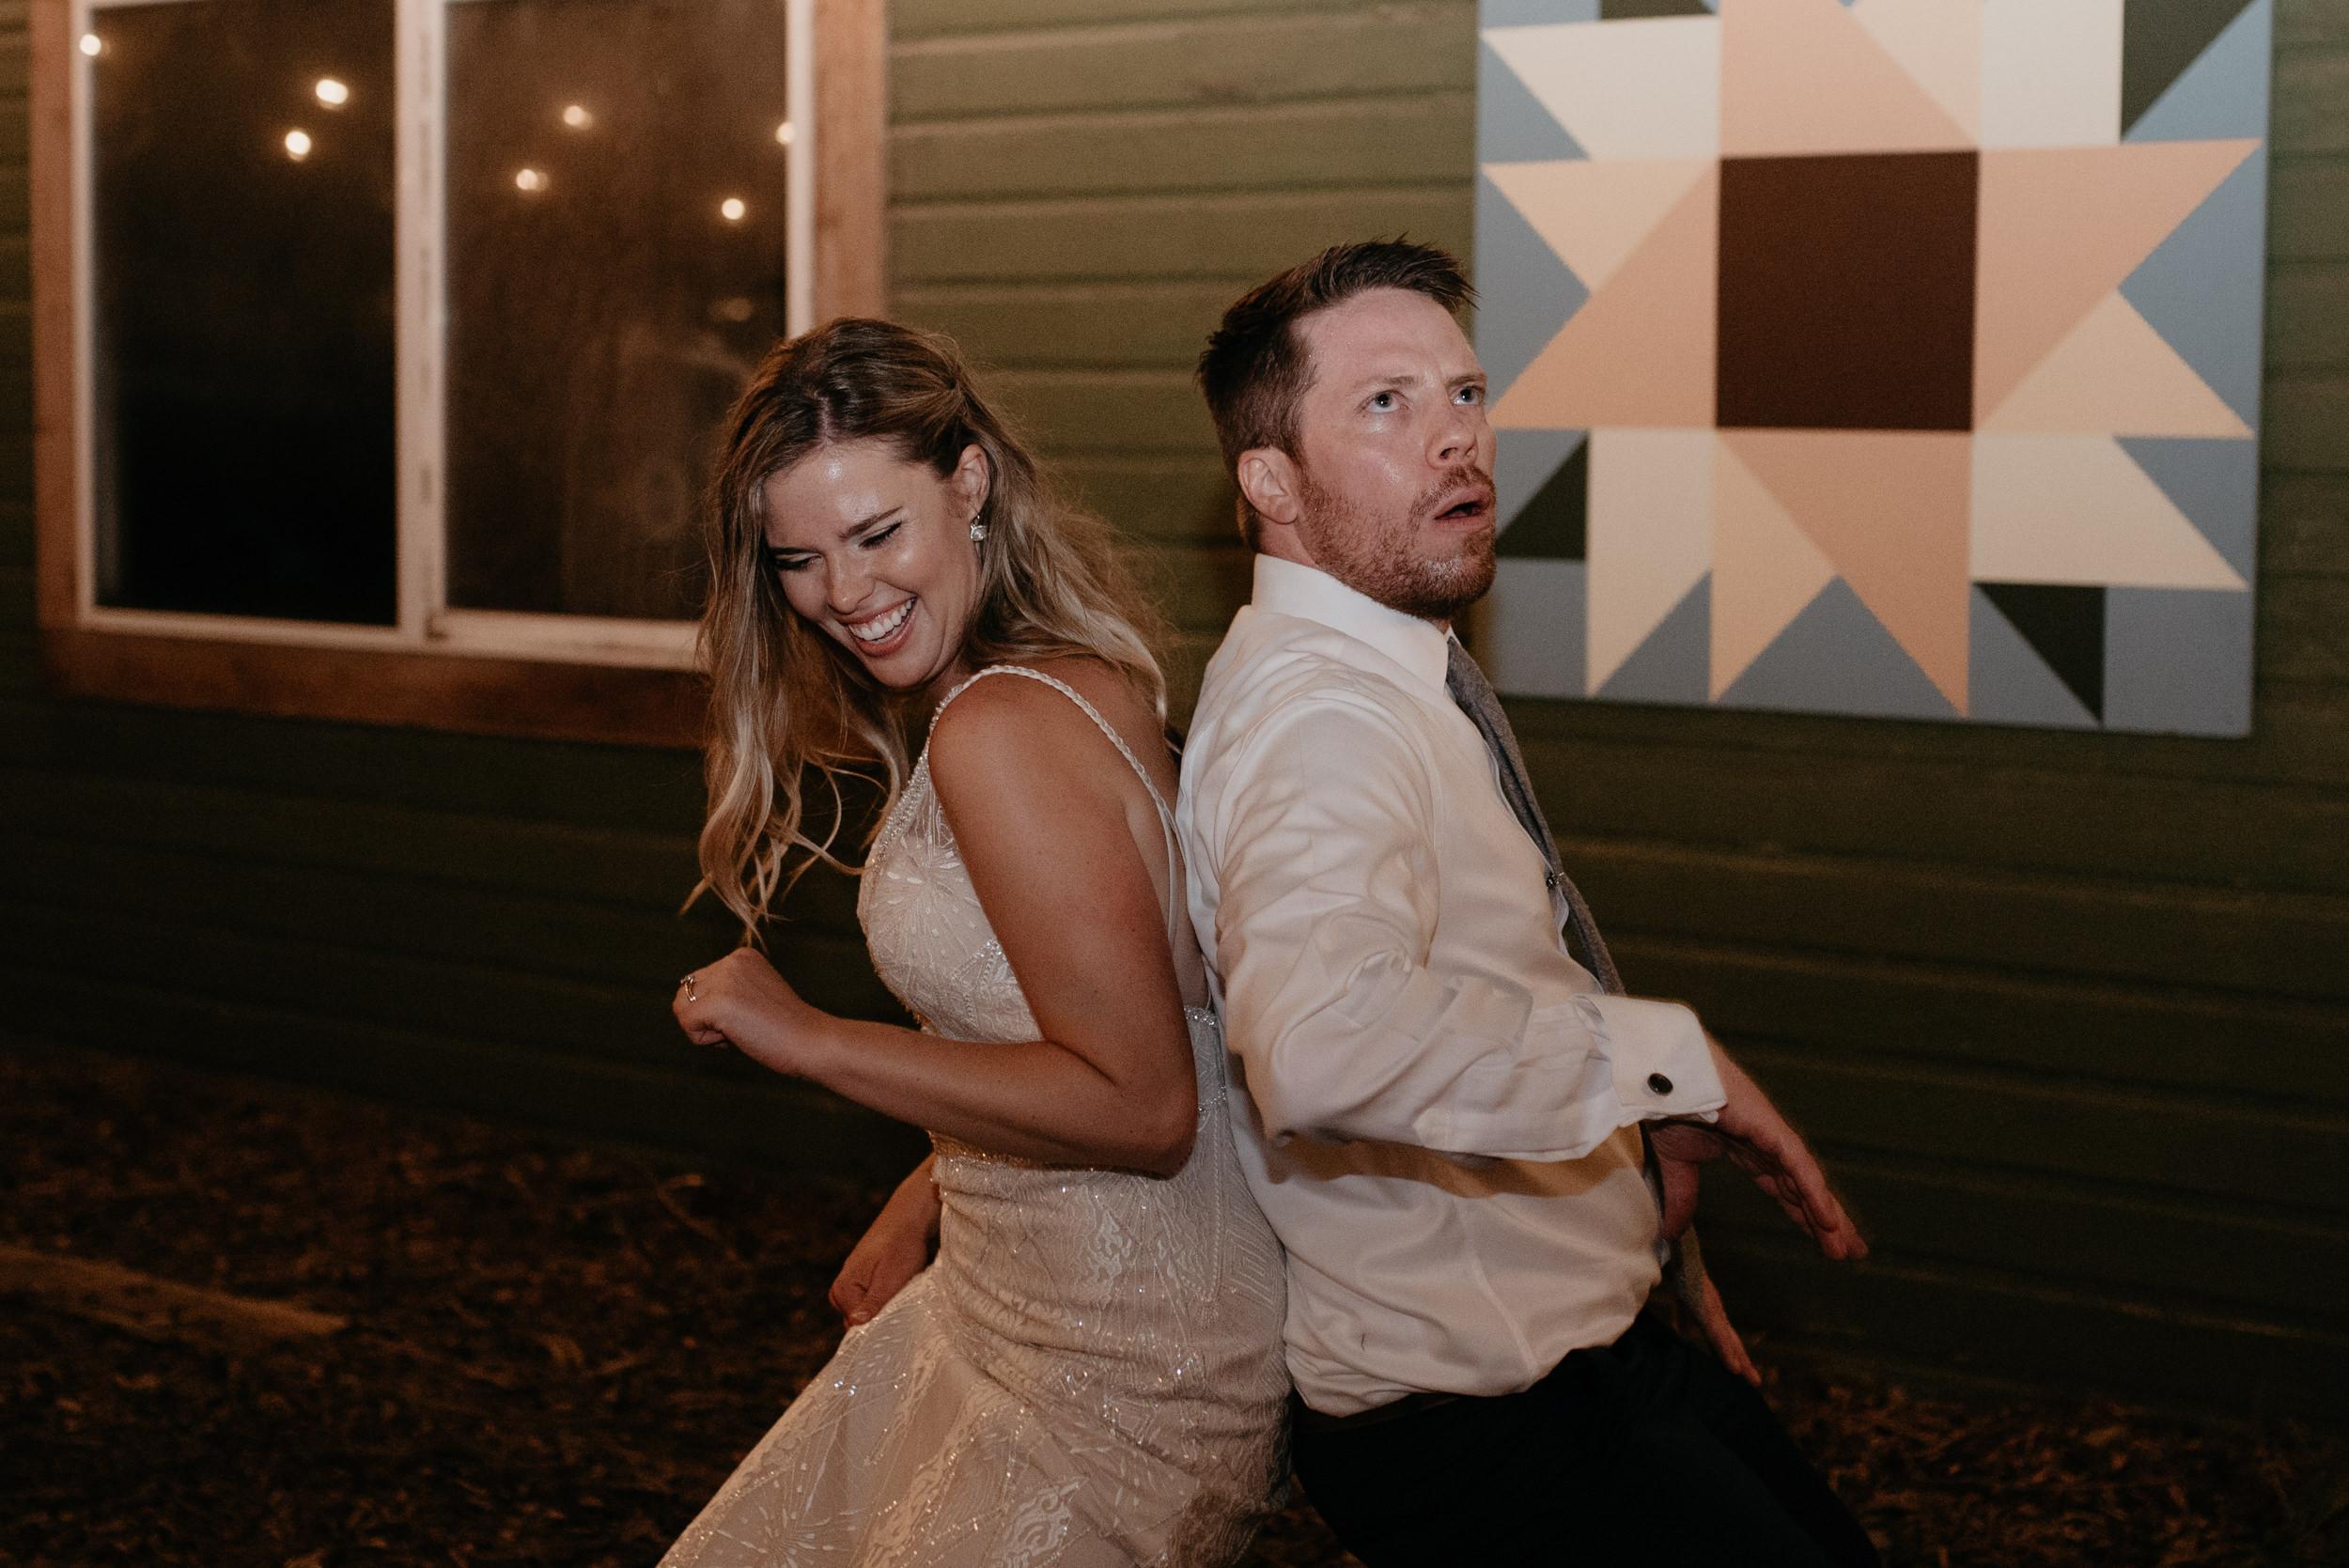 Colorado rustic farm wedding venue in Boulder. Boulder wedding and elopement photographer.